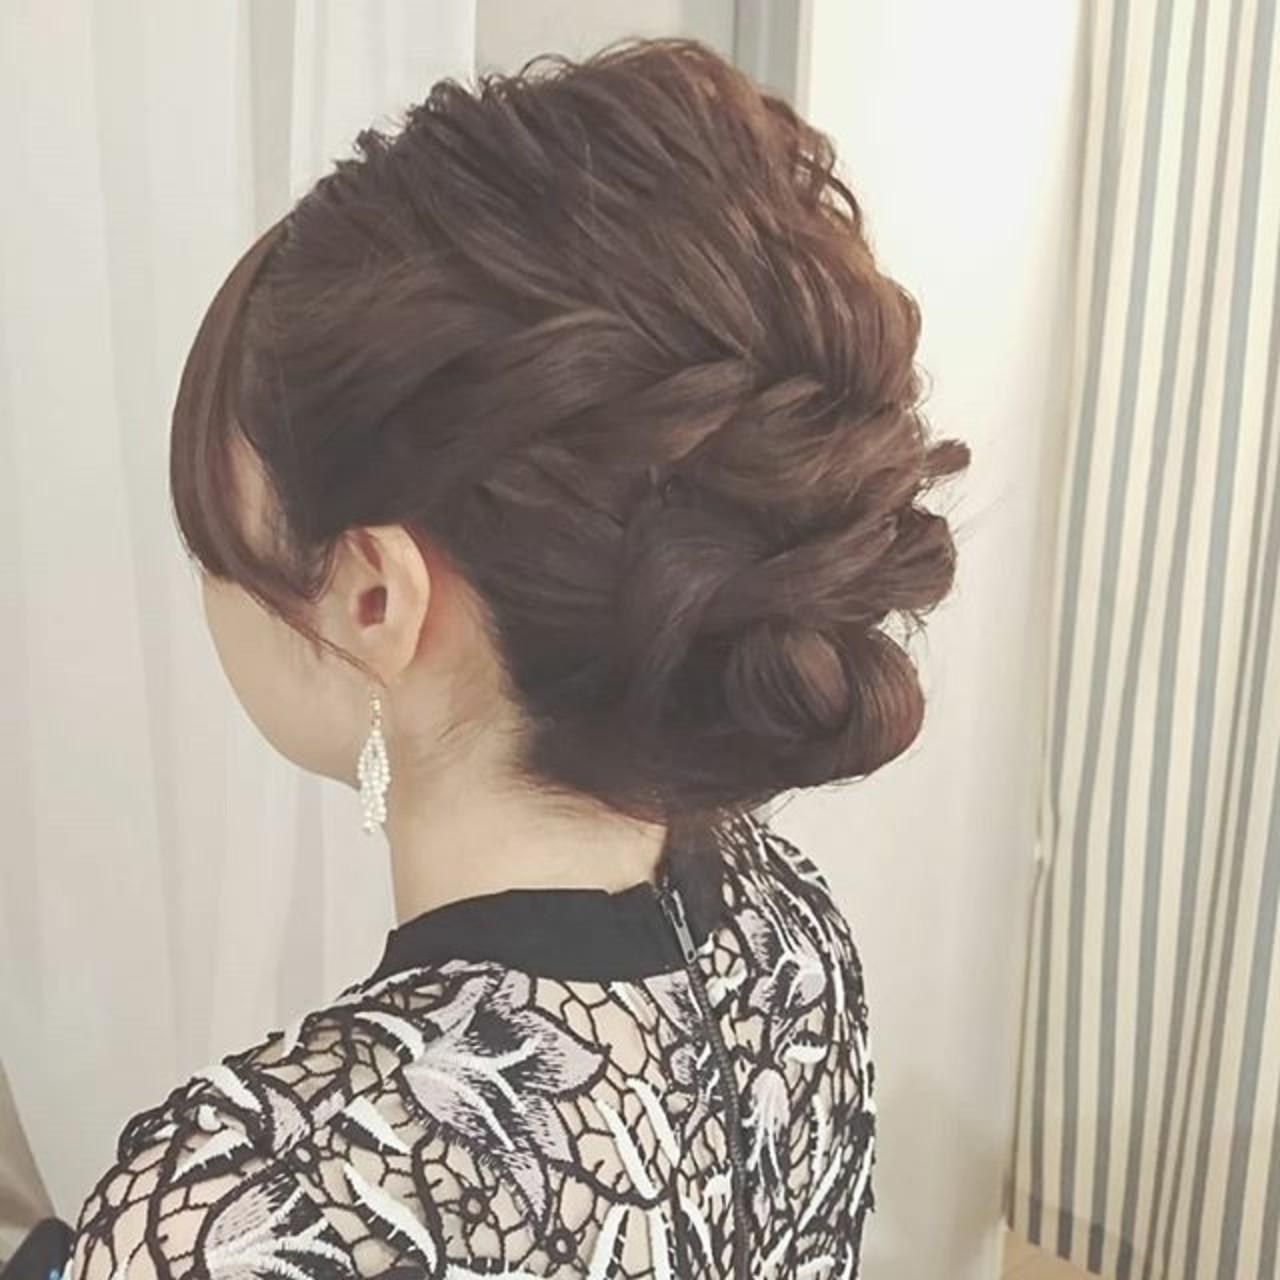 大人かわいい ミディアム 結婚式 パーティ ヘアスタイルや髪型の写真・画像 | 浦川由起江 / nanon